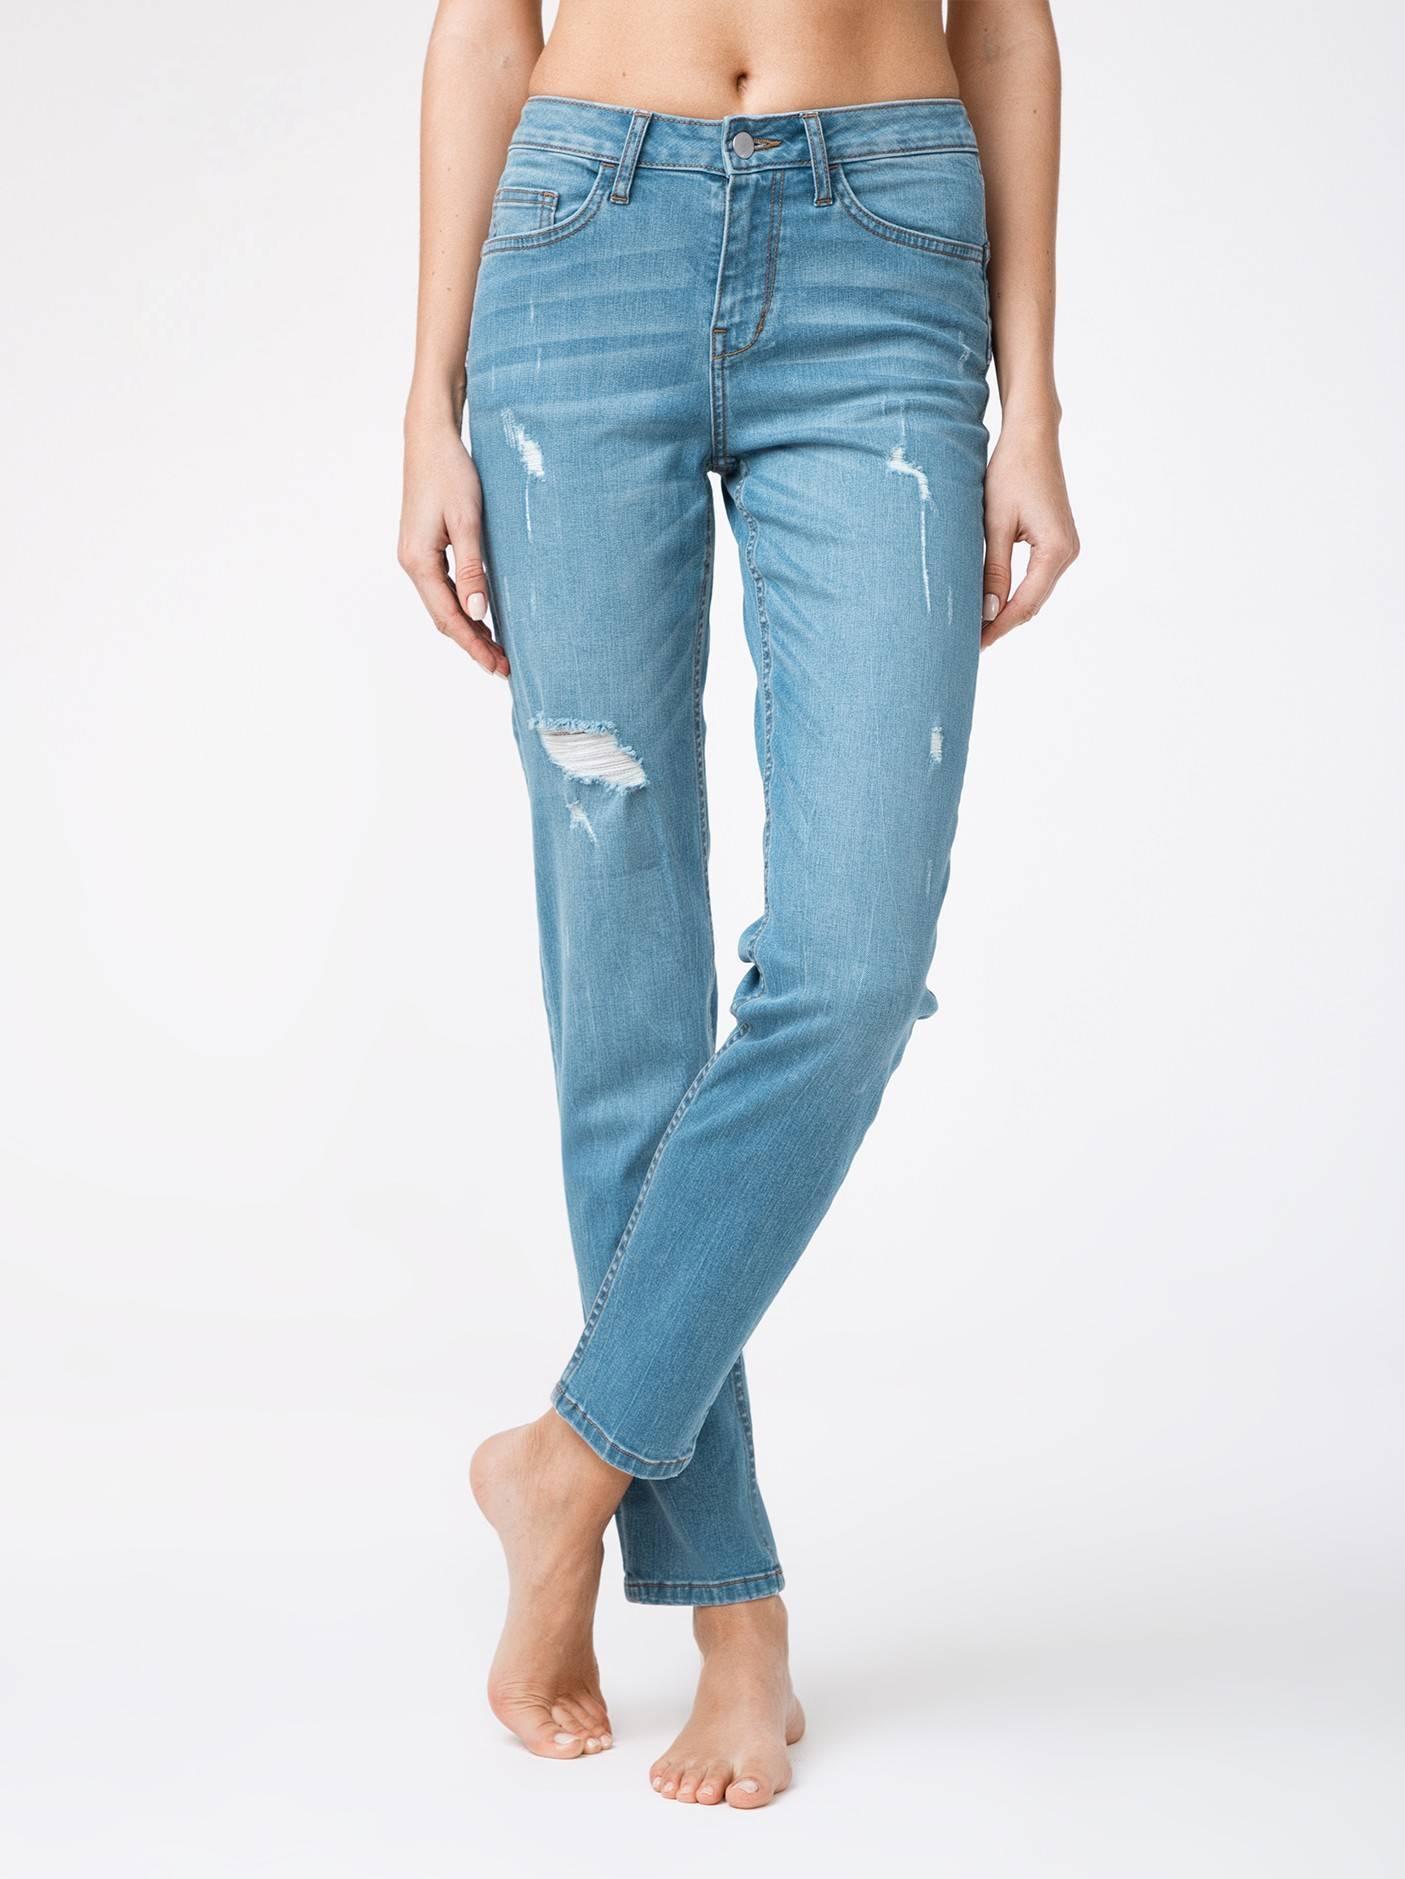 Брюки джинсовые ⭐️ Ультрамодные eco-friendly джинсы с эффектом потертости CON-145 ⭐️